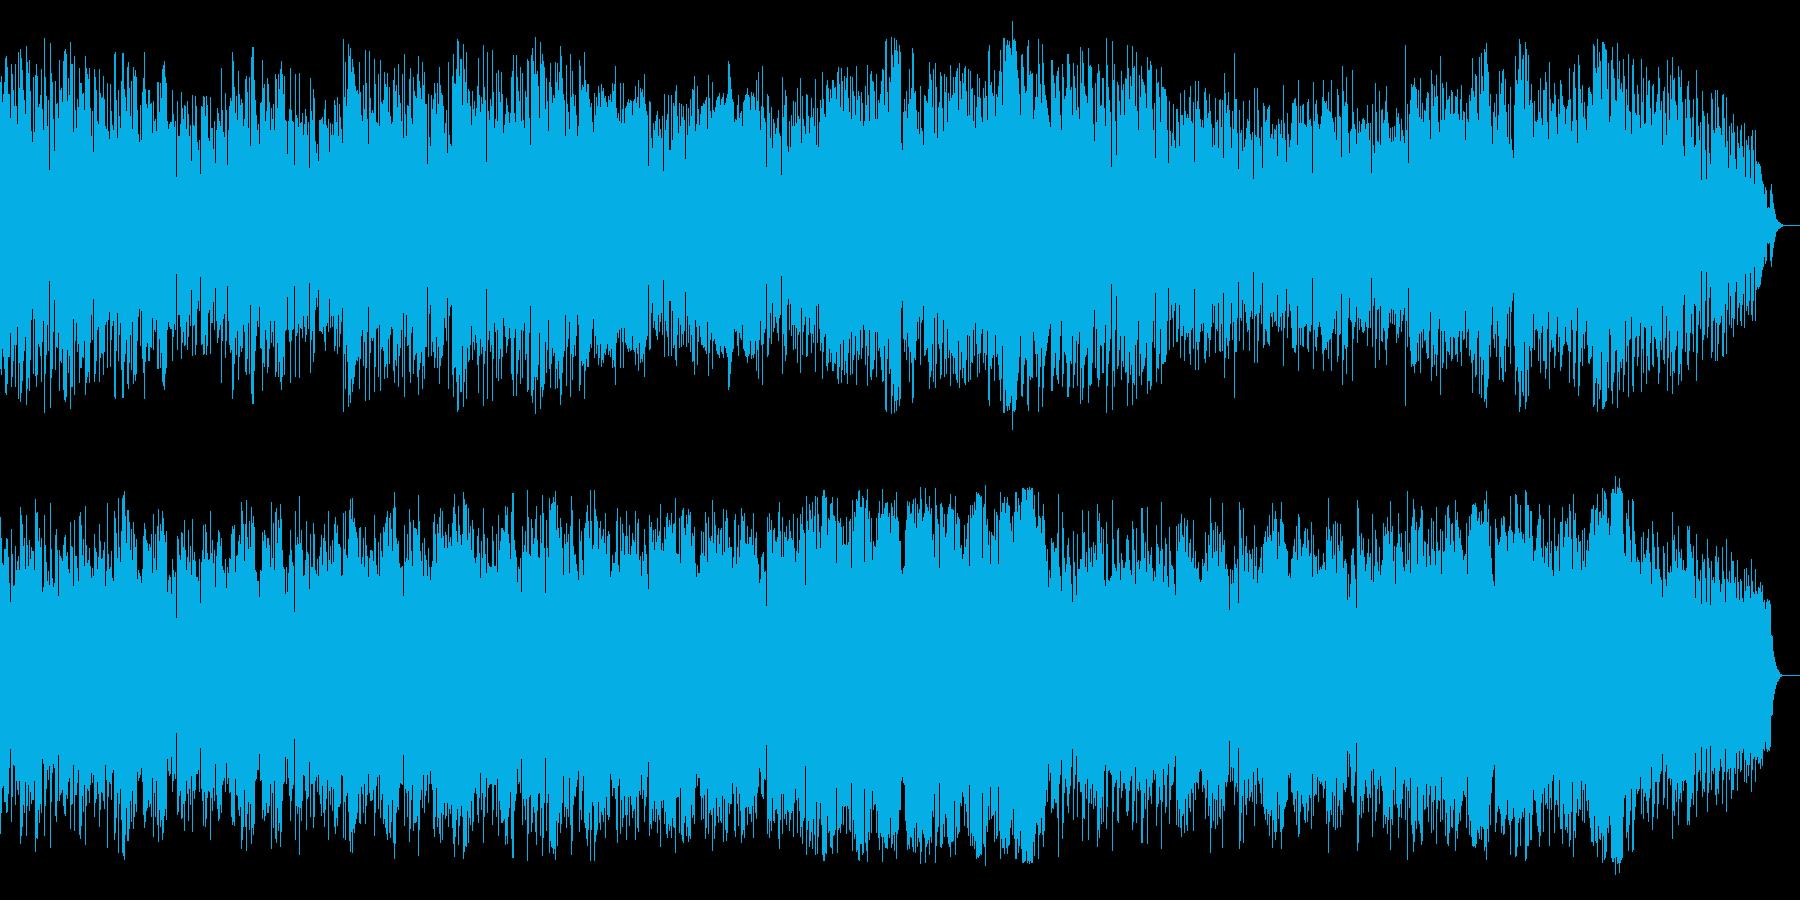 明るくポジティブなピアノ管楽器による楽曲の再生済みの波形